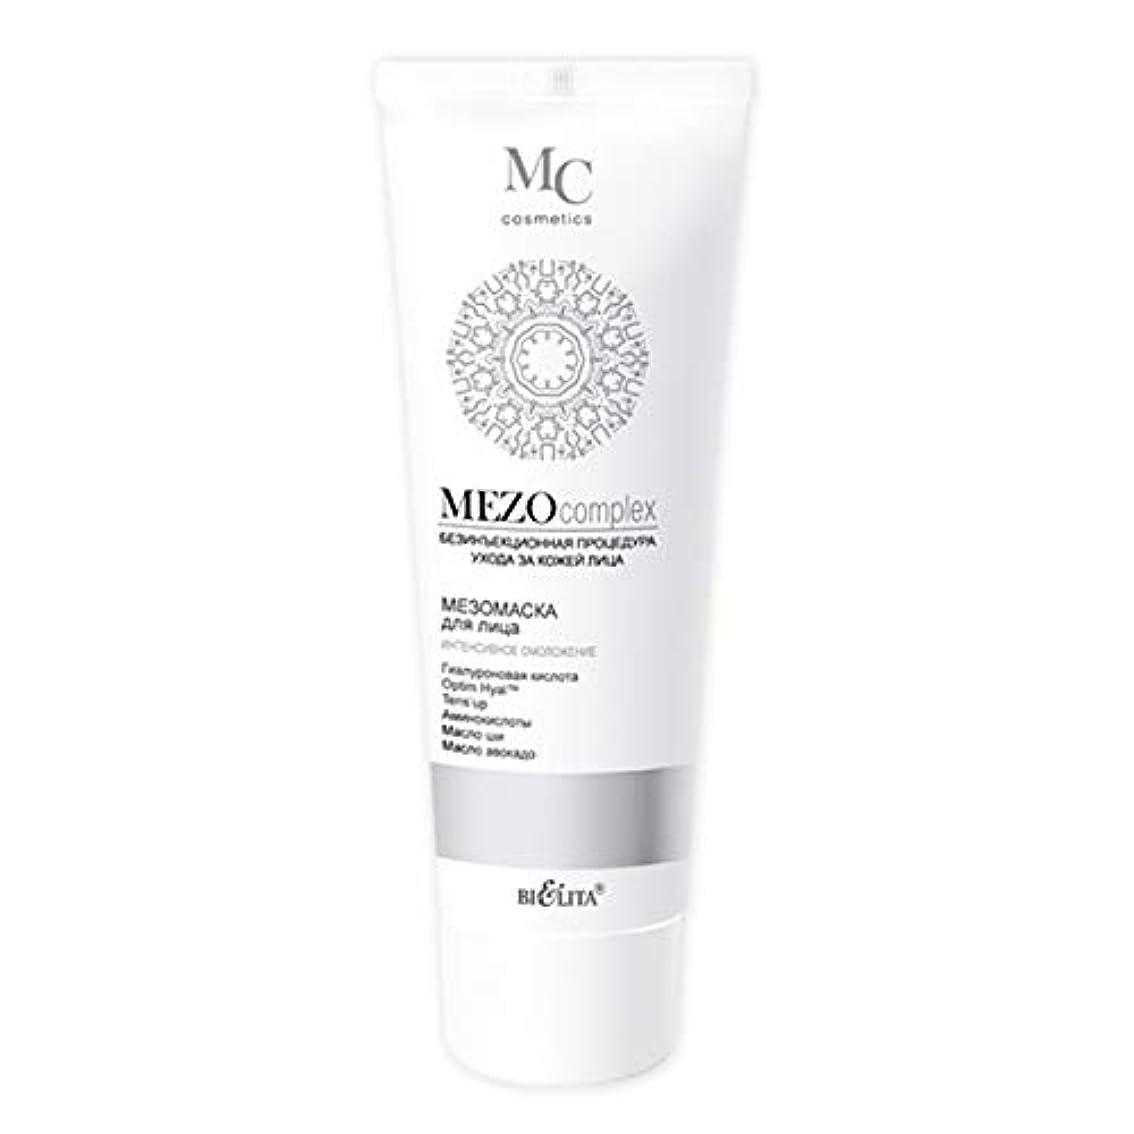 間違えたの前でブラケットMezo complex   Mezo MASK for the face   Non-injection facial skin care procedure   Hyaluronic acid   Optim Hyal...